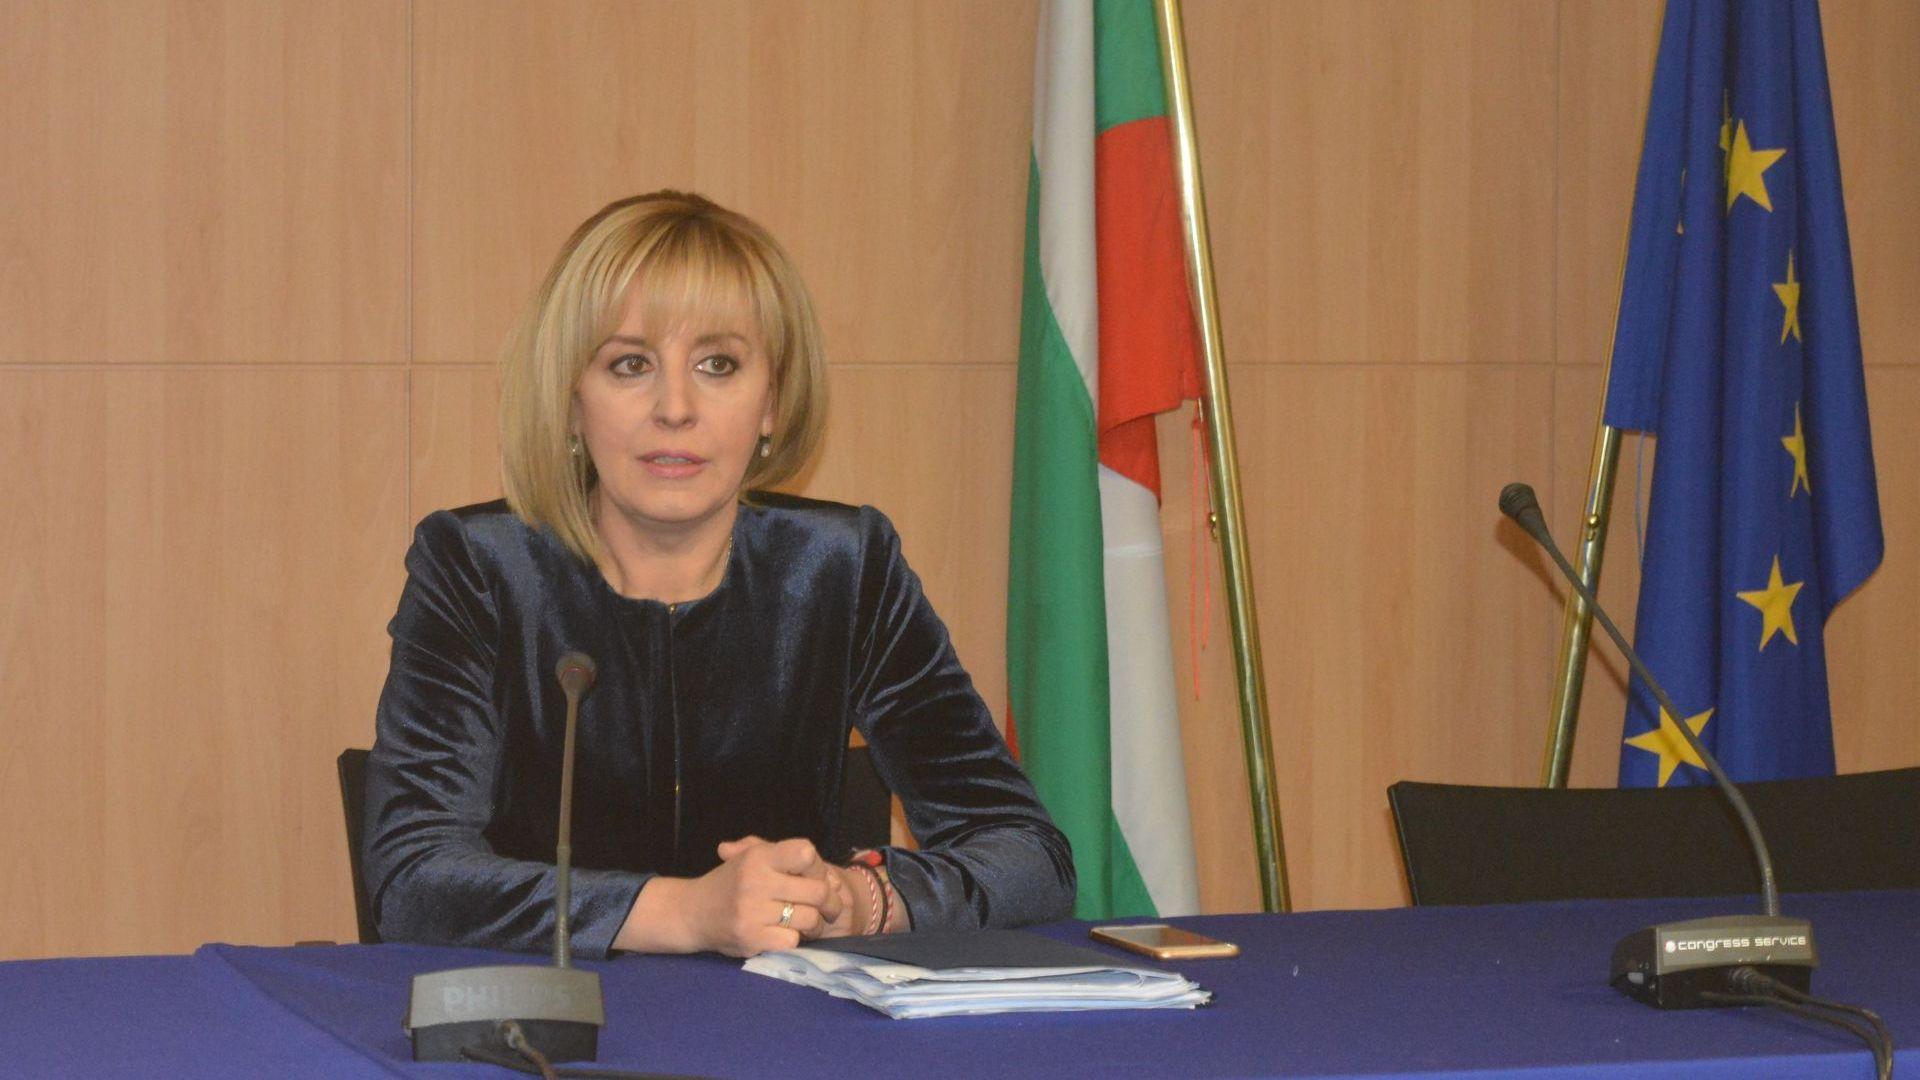 Манолова иска от Борисов и депутатите понижение на наказателната лихва